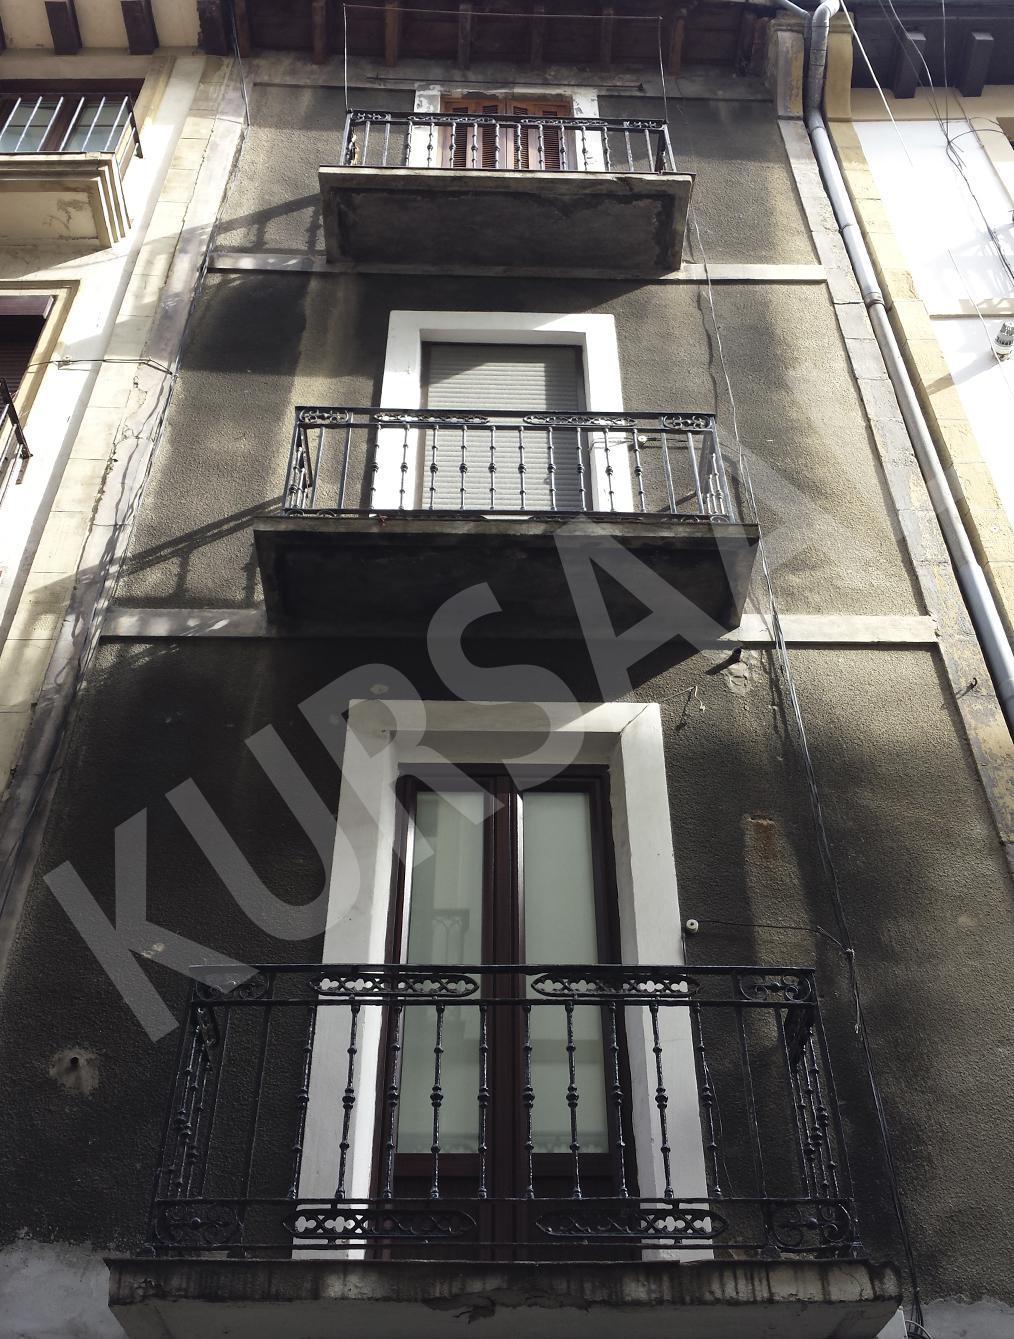 foto 3 - Restauración y patrimonio-Juan de Bilbao 4-DONOSTIA